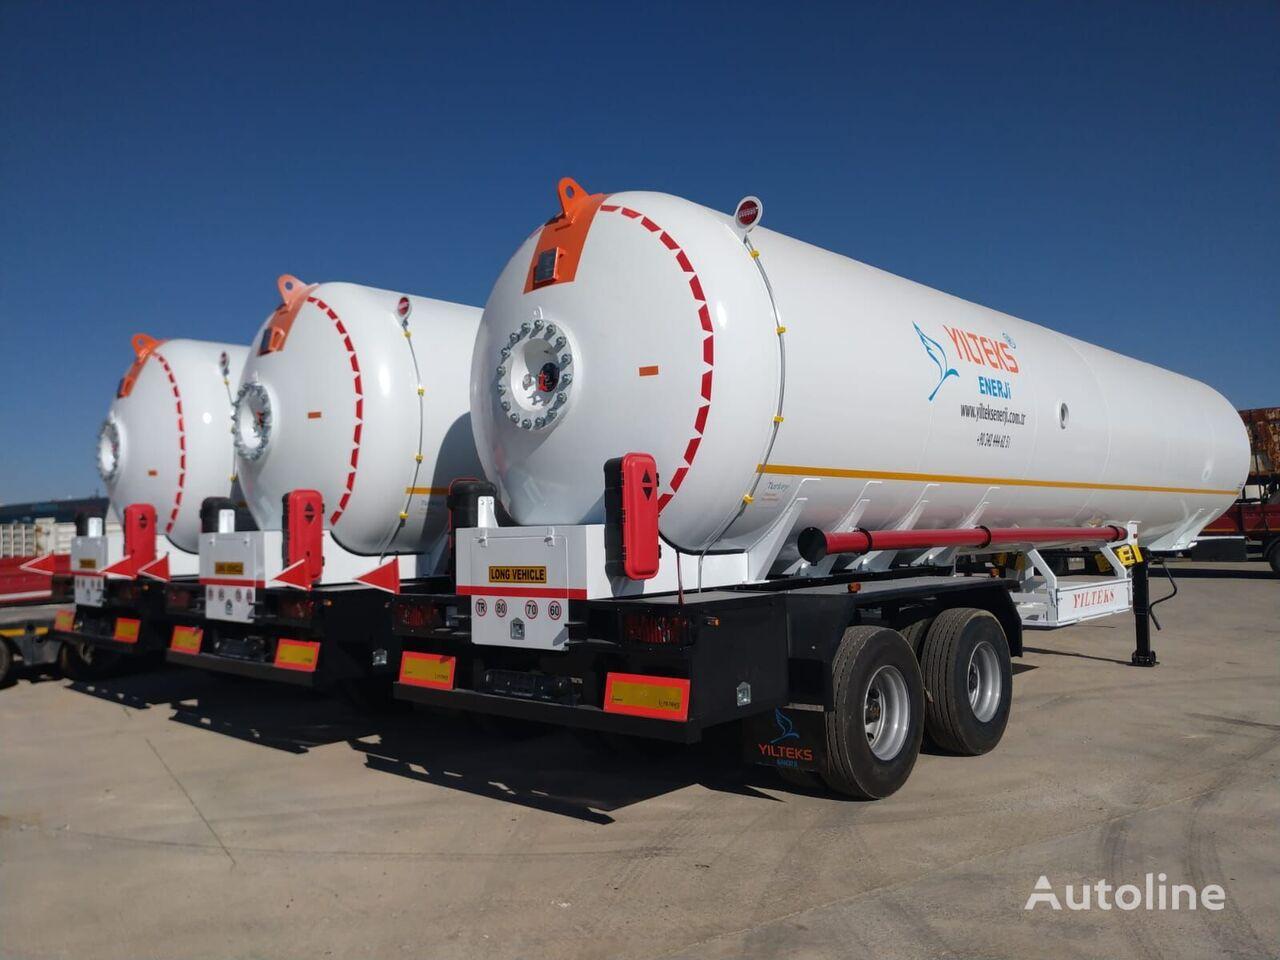 naujas dujų cisterna YILTEKS Trailer LPG